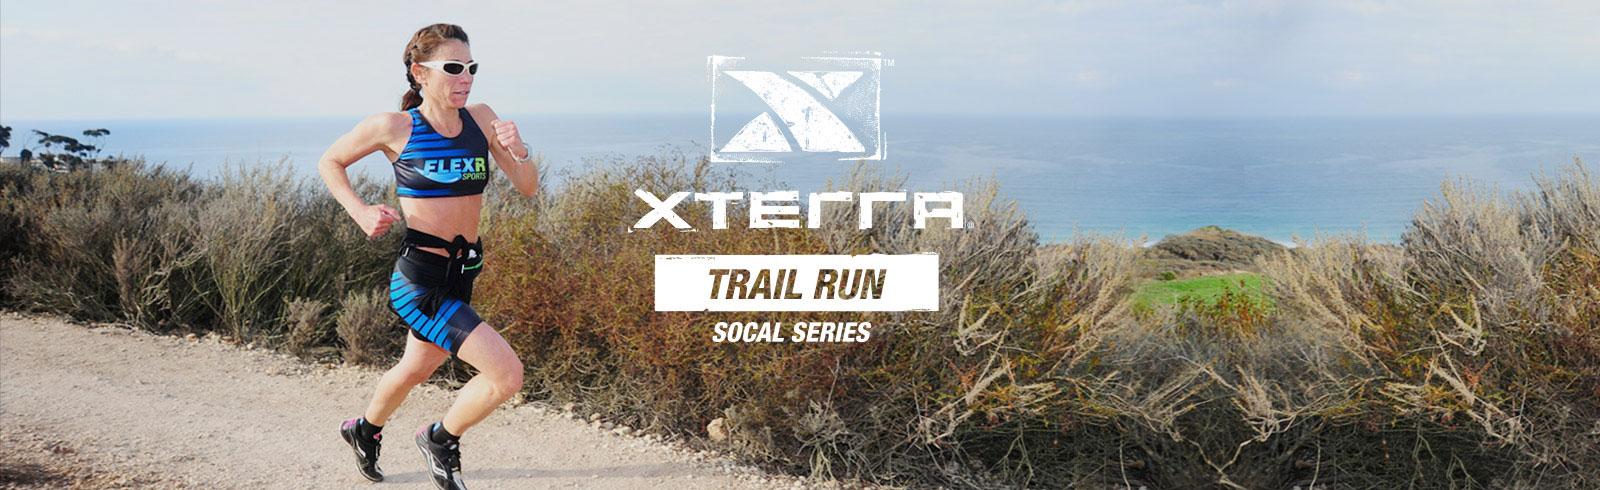 xterra-event-hub-slide-01